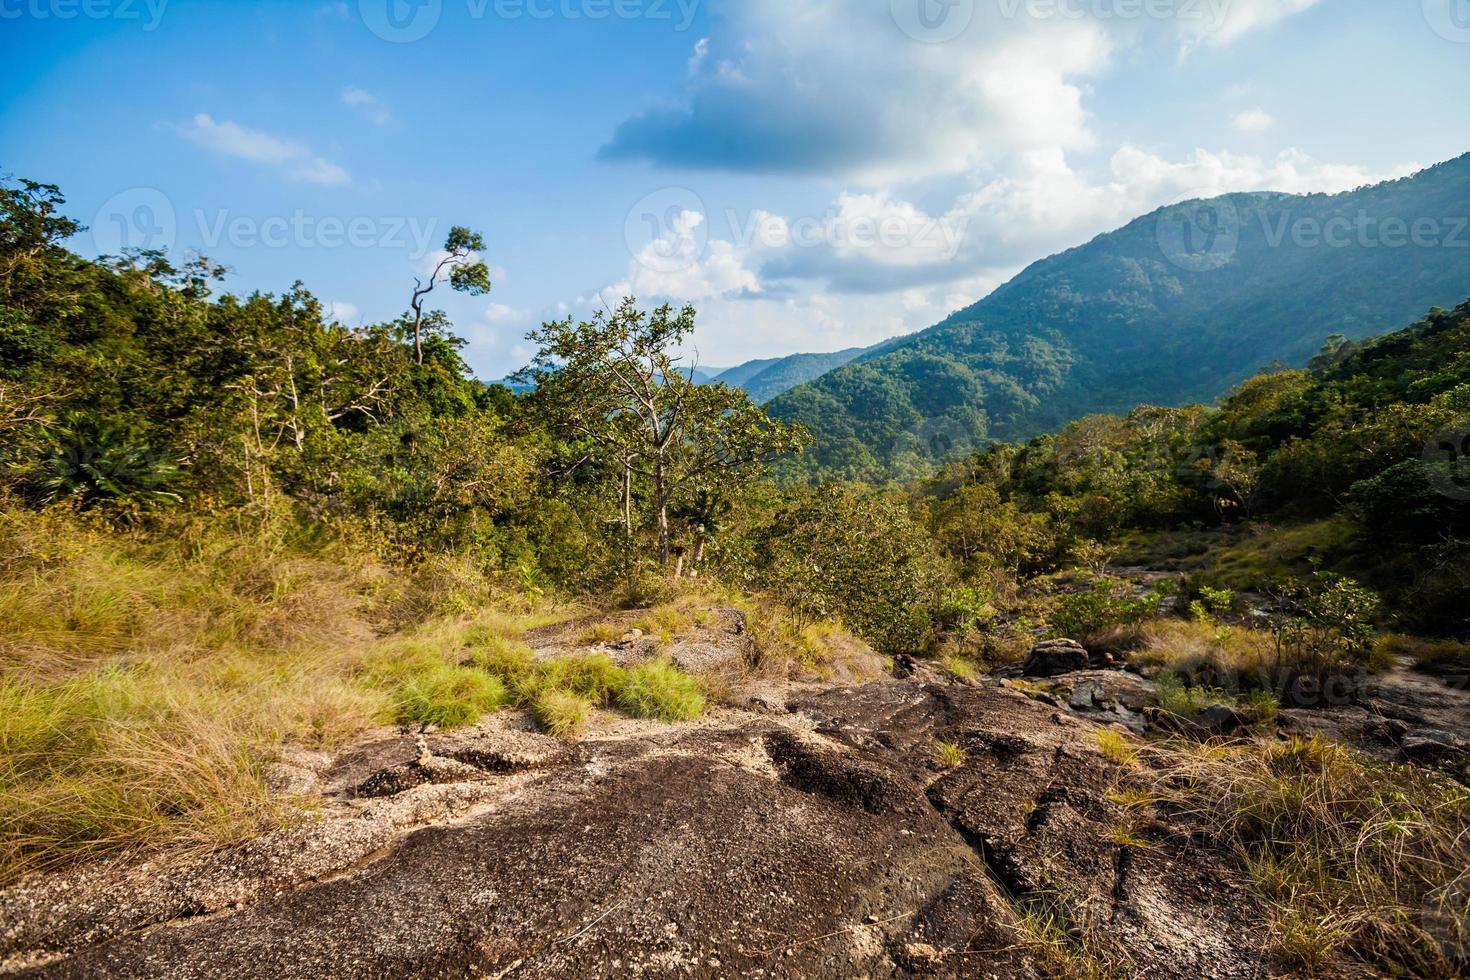 caminata por la jungla en koh phangan foto